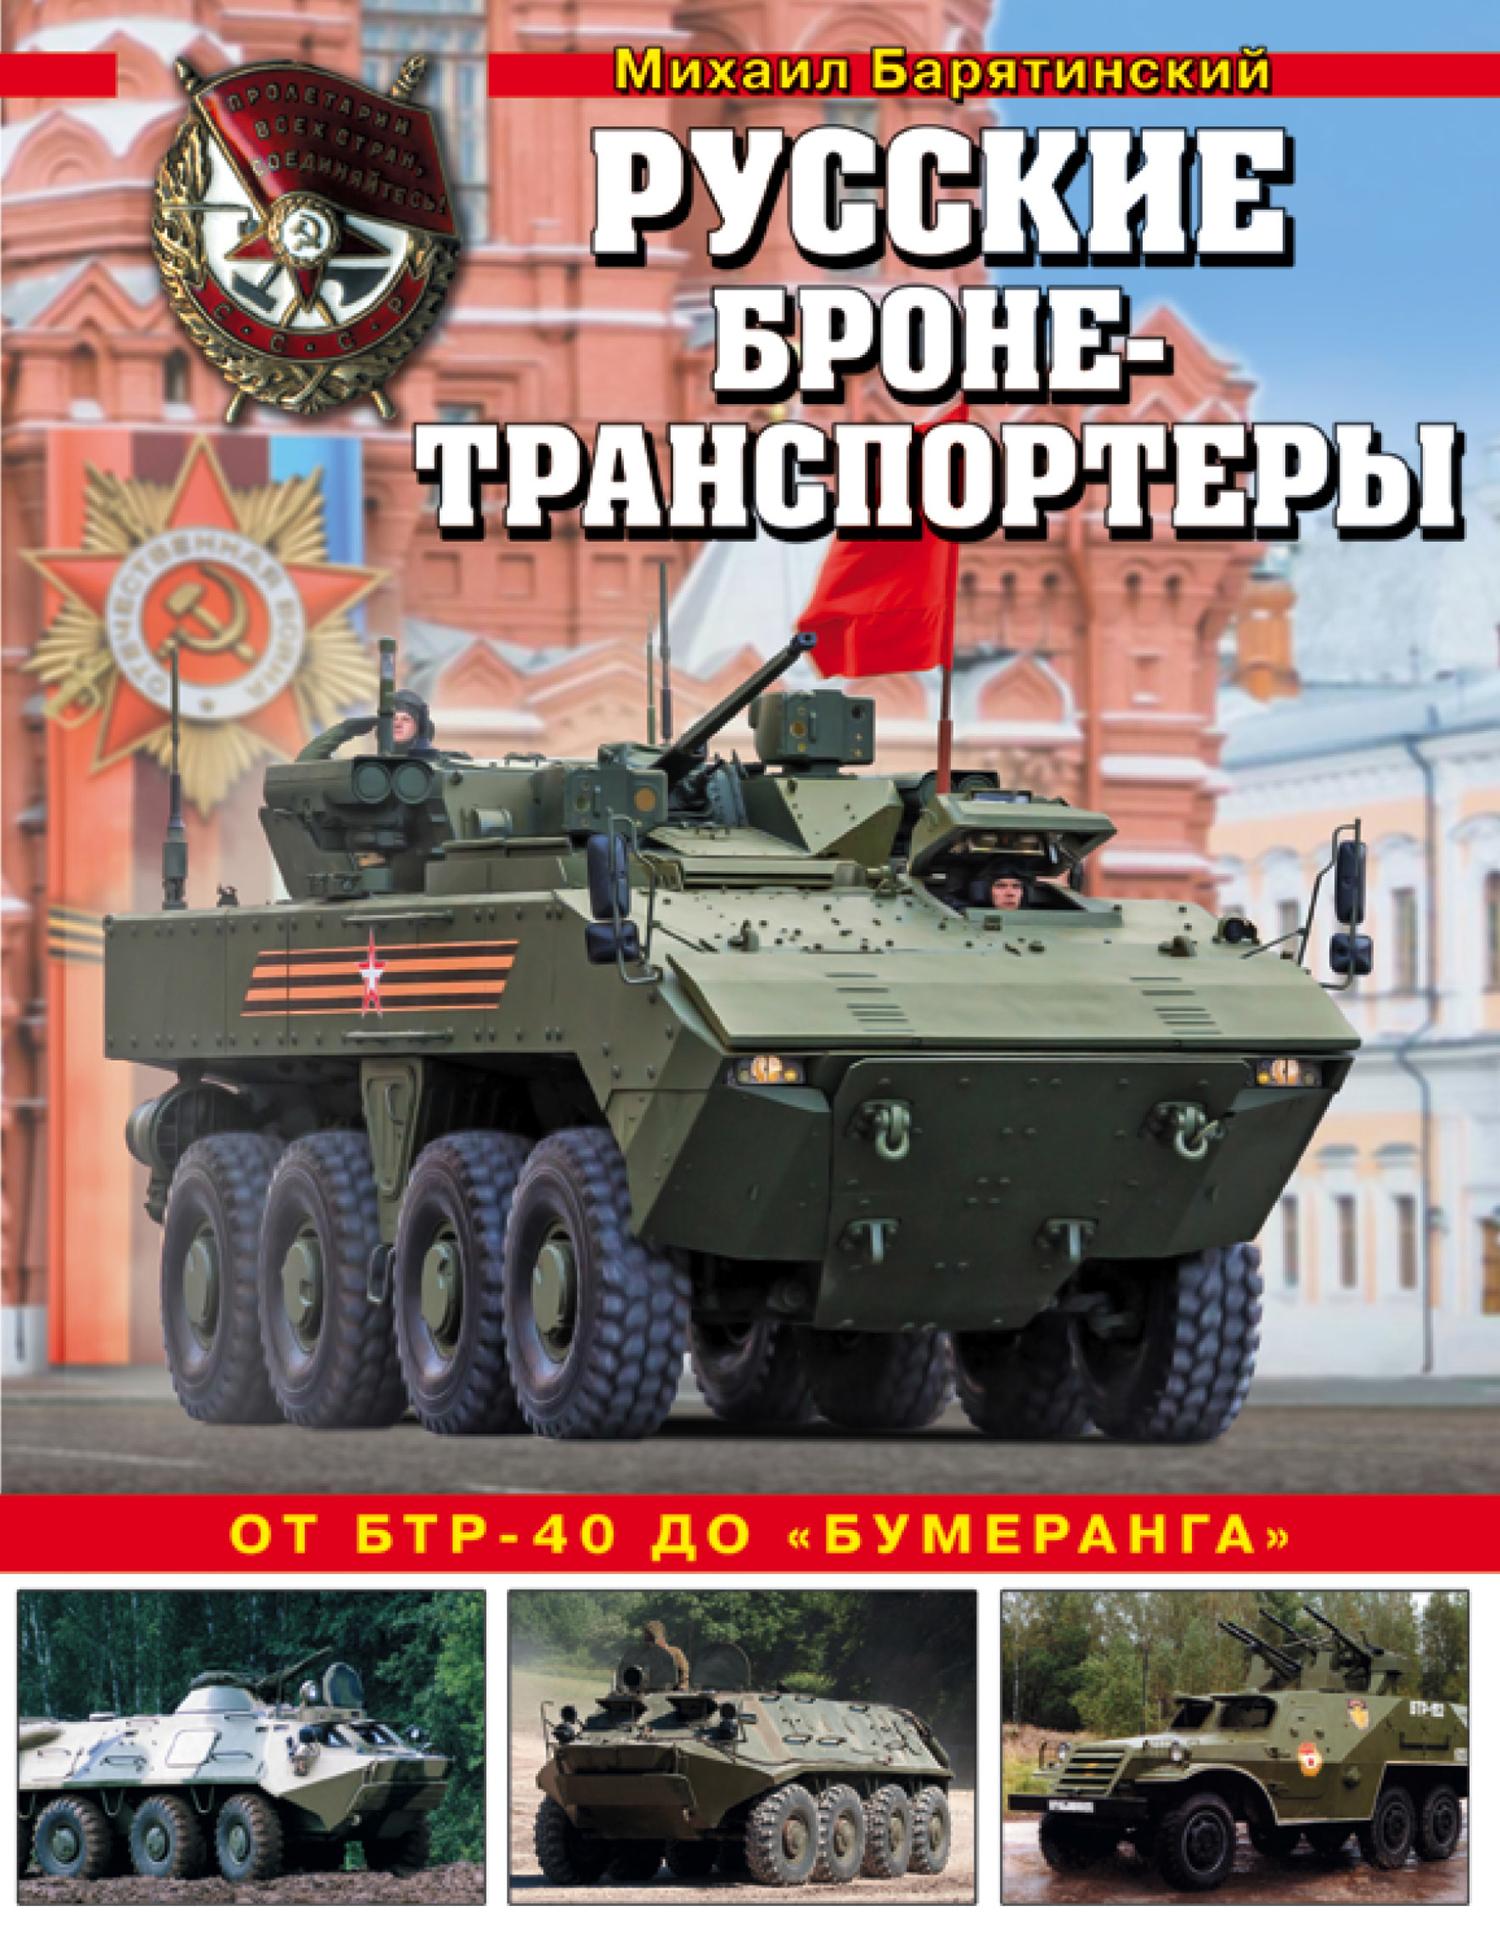 Михаил Барятинский Русские бронетранспортеры. От БТР-40 до «Бумеранга»